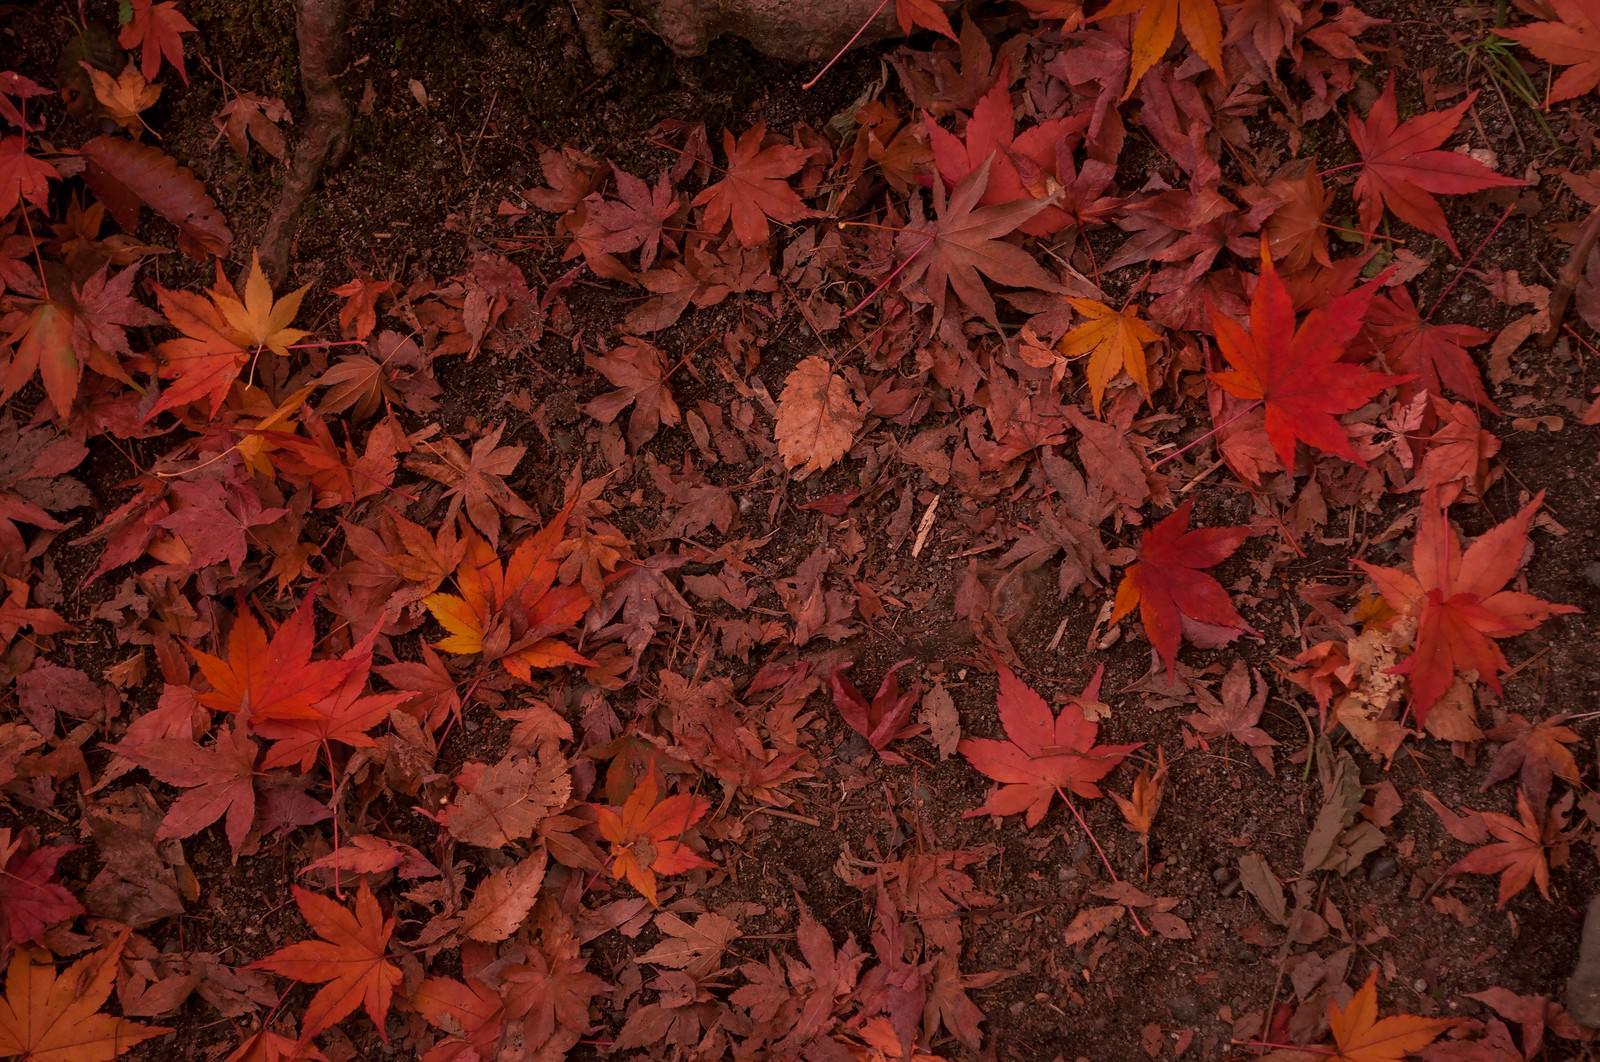 「赤朽葉」の写真